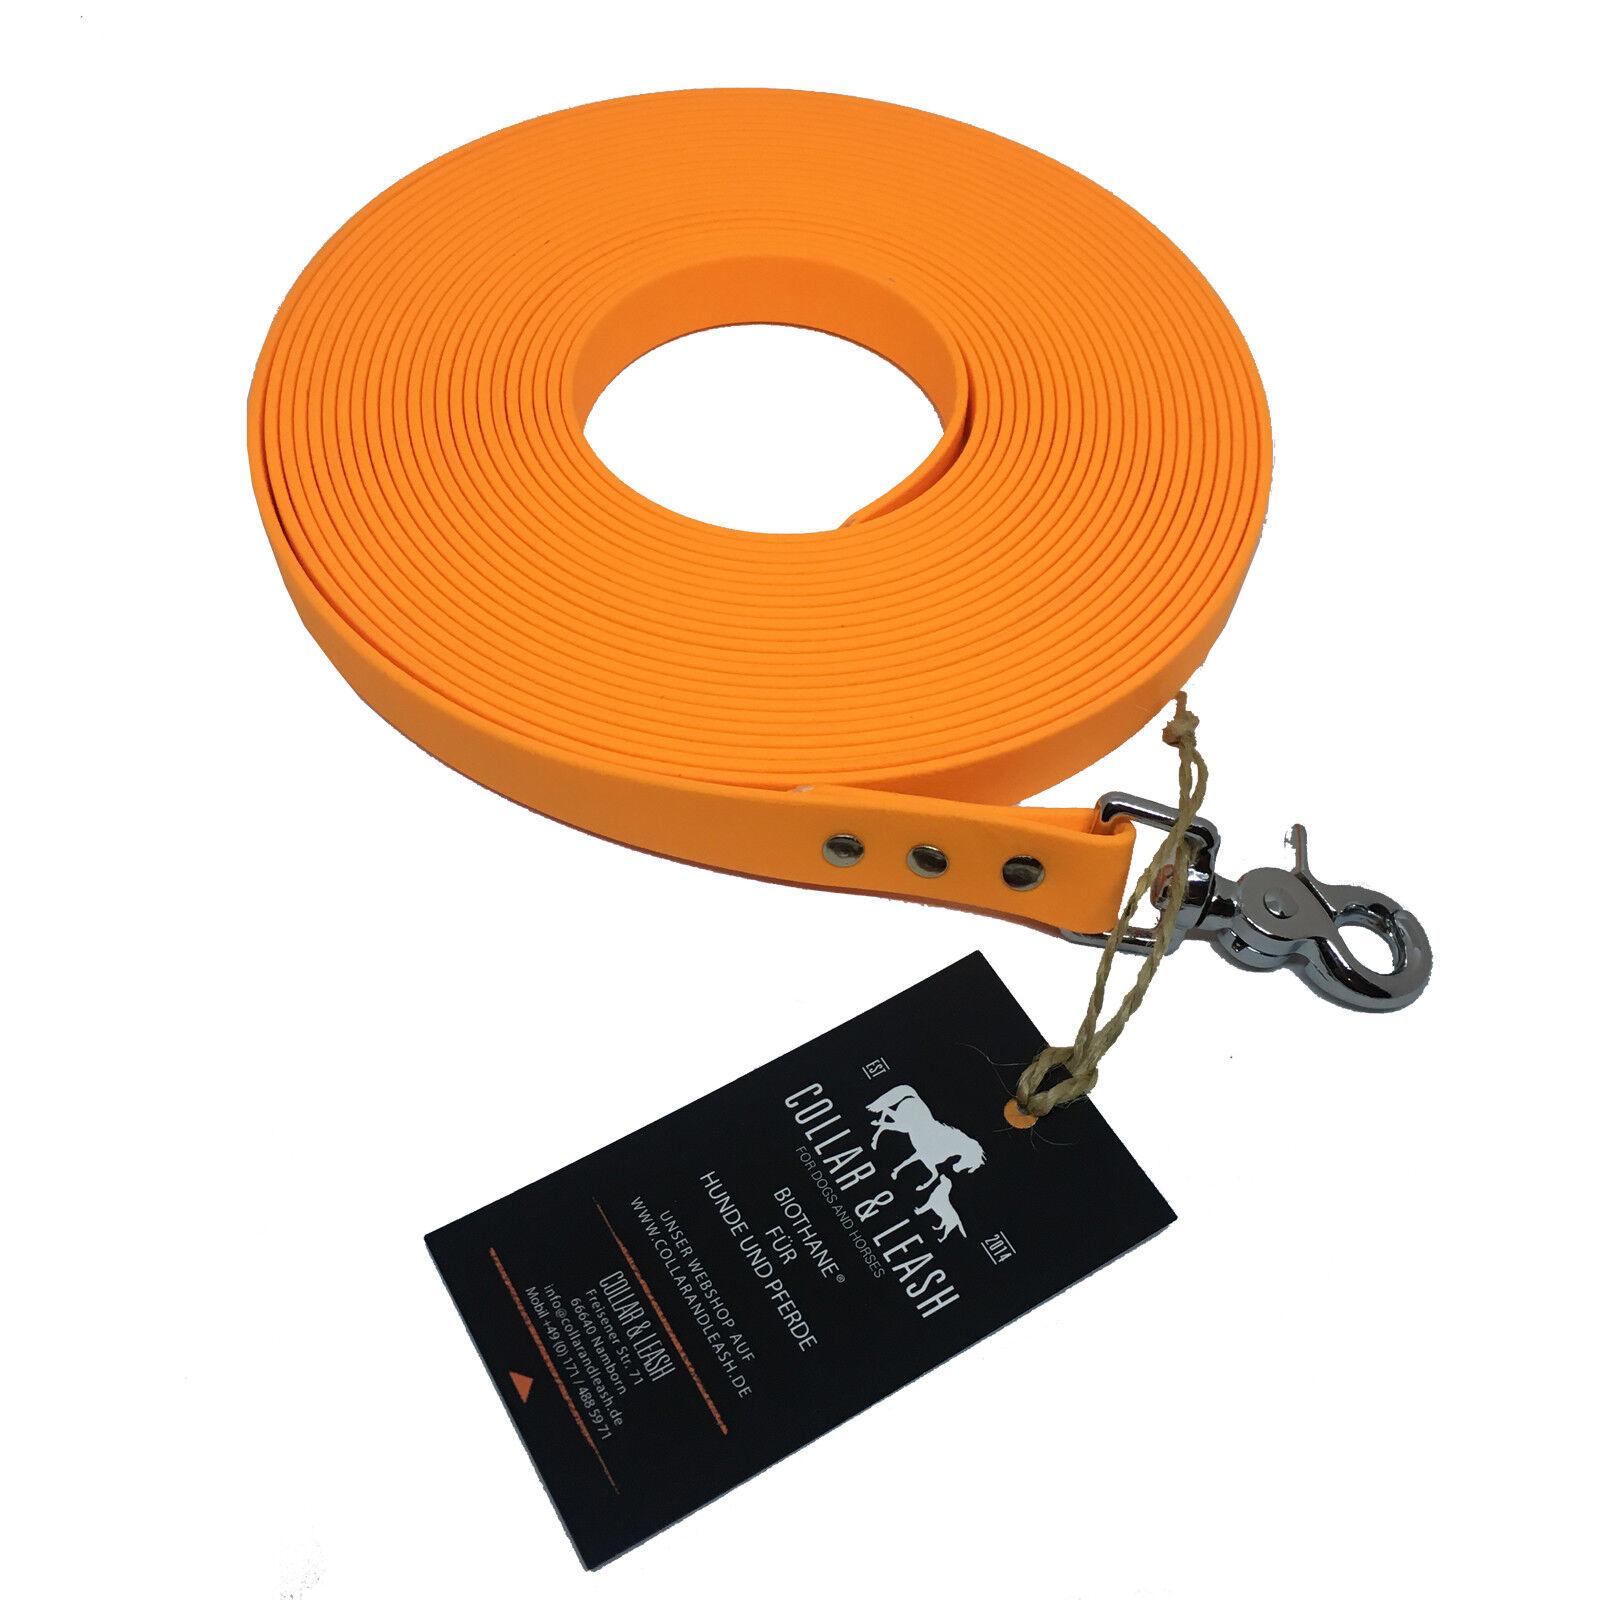 BIOTHANE Schleppleine Fährtenleine Hundeleine 19mm pfirsich Orange 3m bis 15m